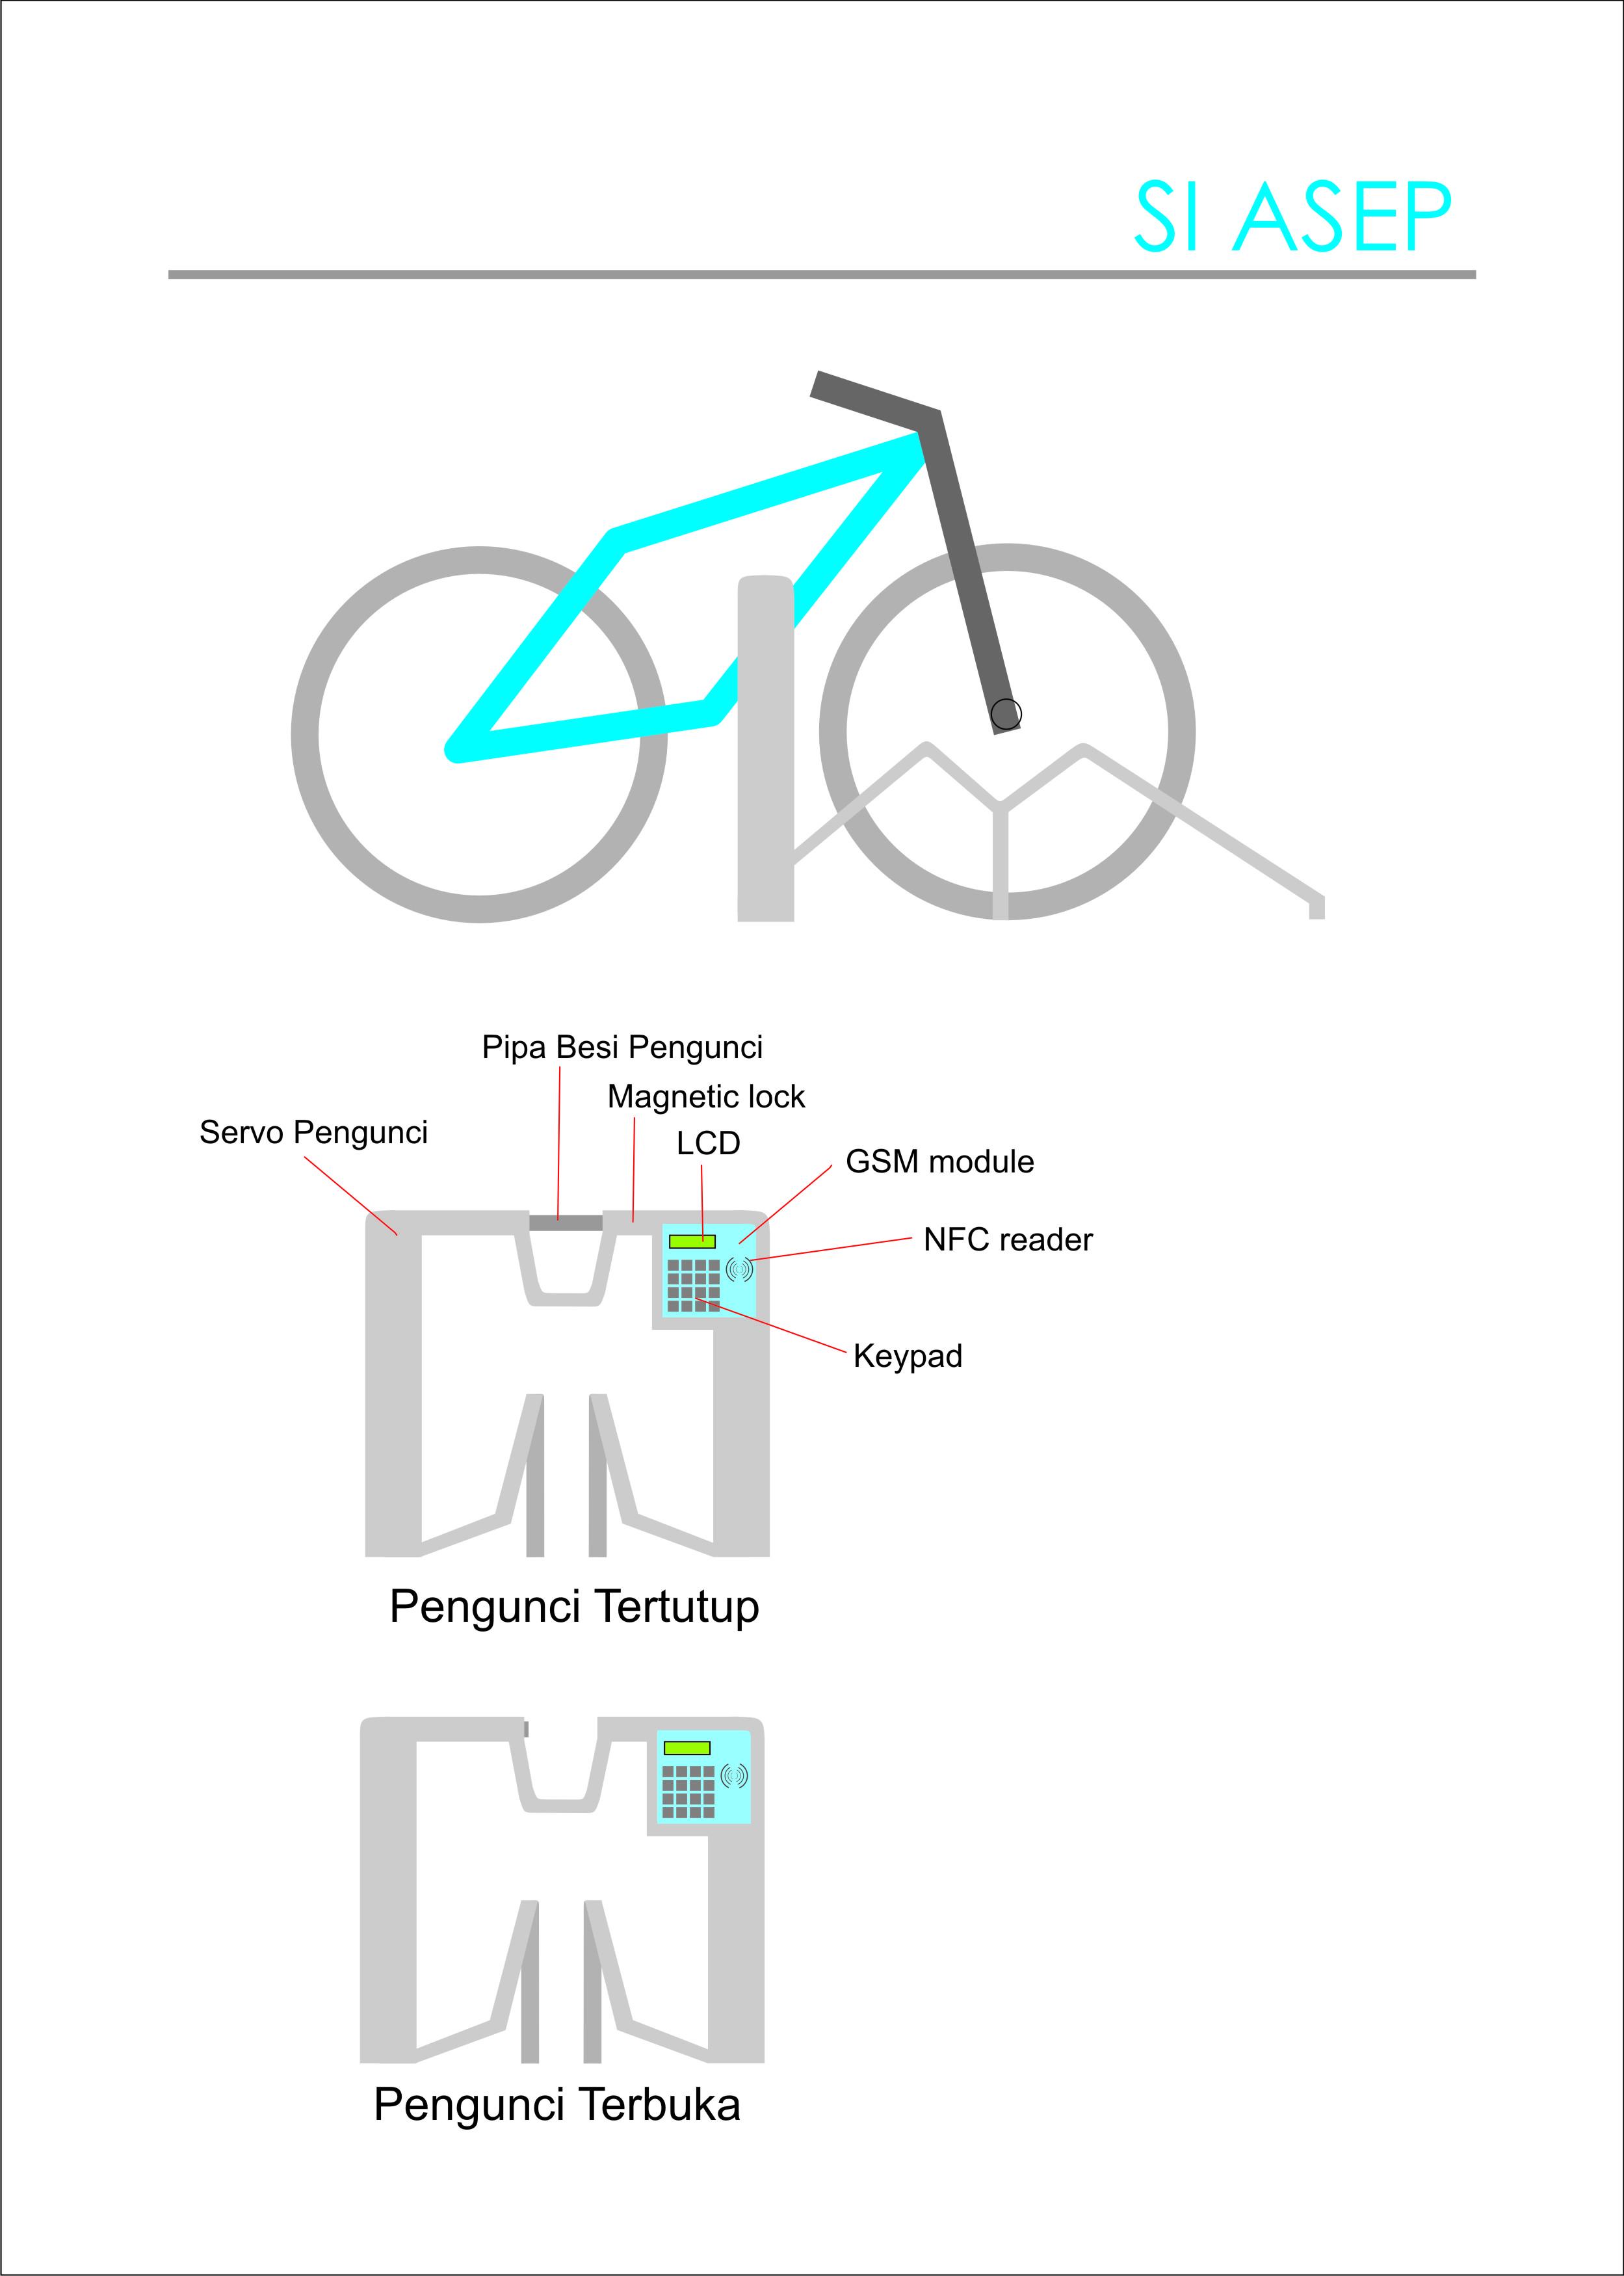 'Si Asep' pengaman sepeda smart card pertama dunia buatan UGM